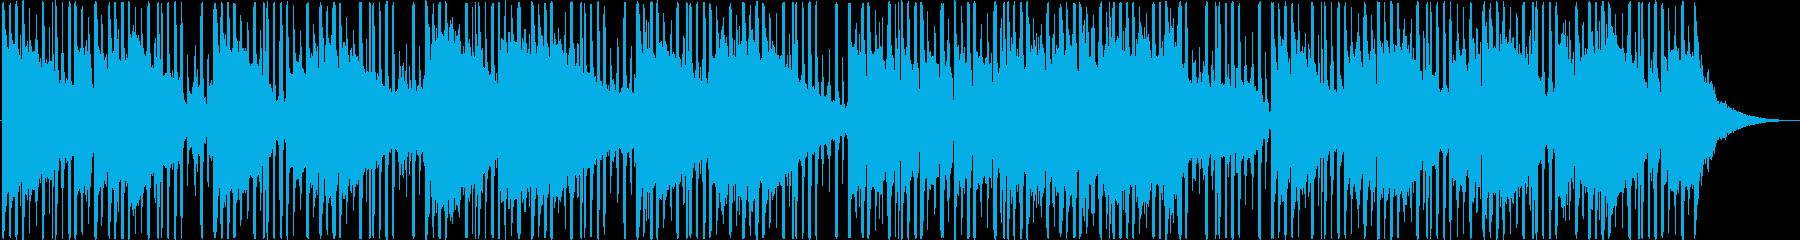 独特なリズムでミステリアスなメロディーの再生済みの波形